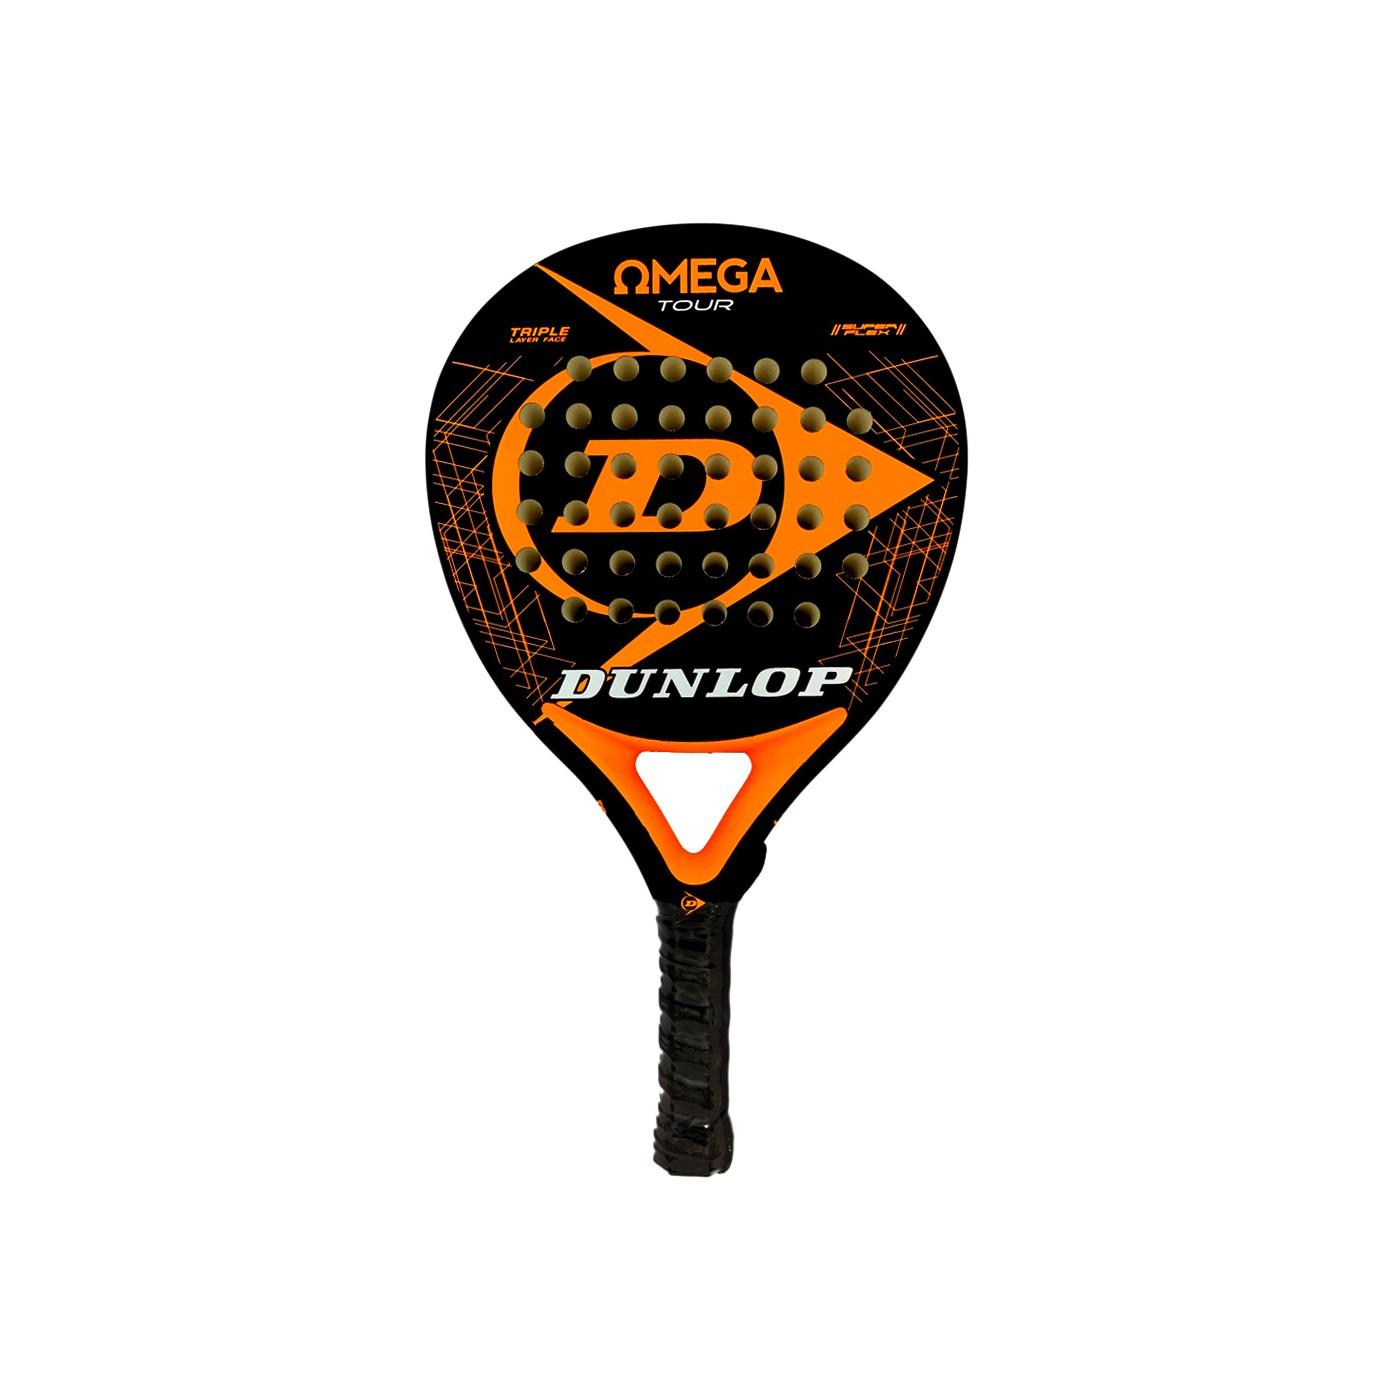 Raquete de Pádel Dunlop Omega Tour